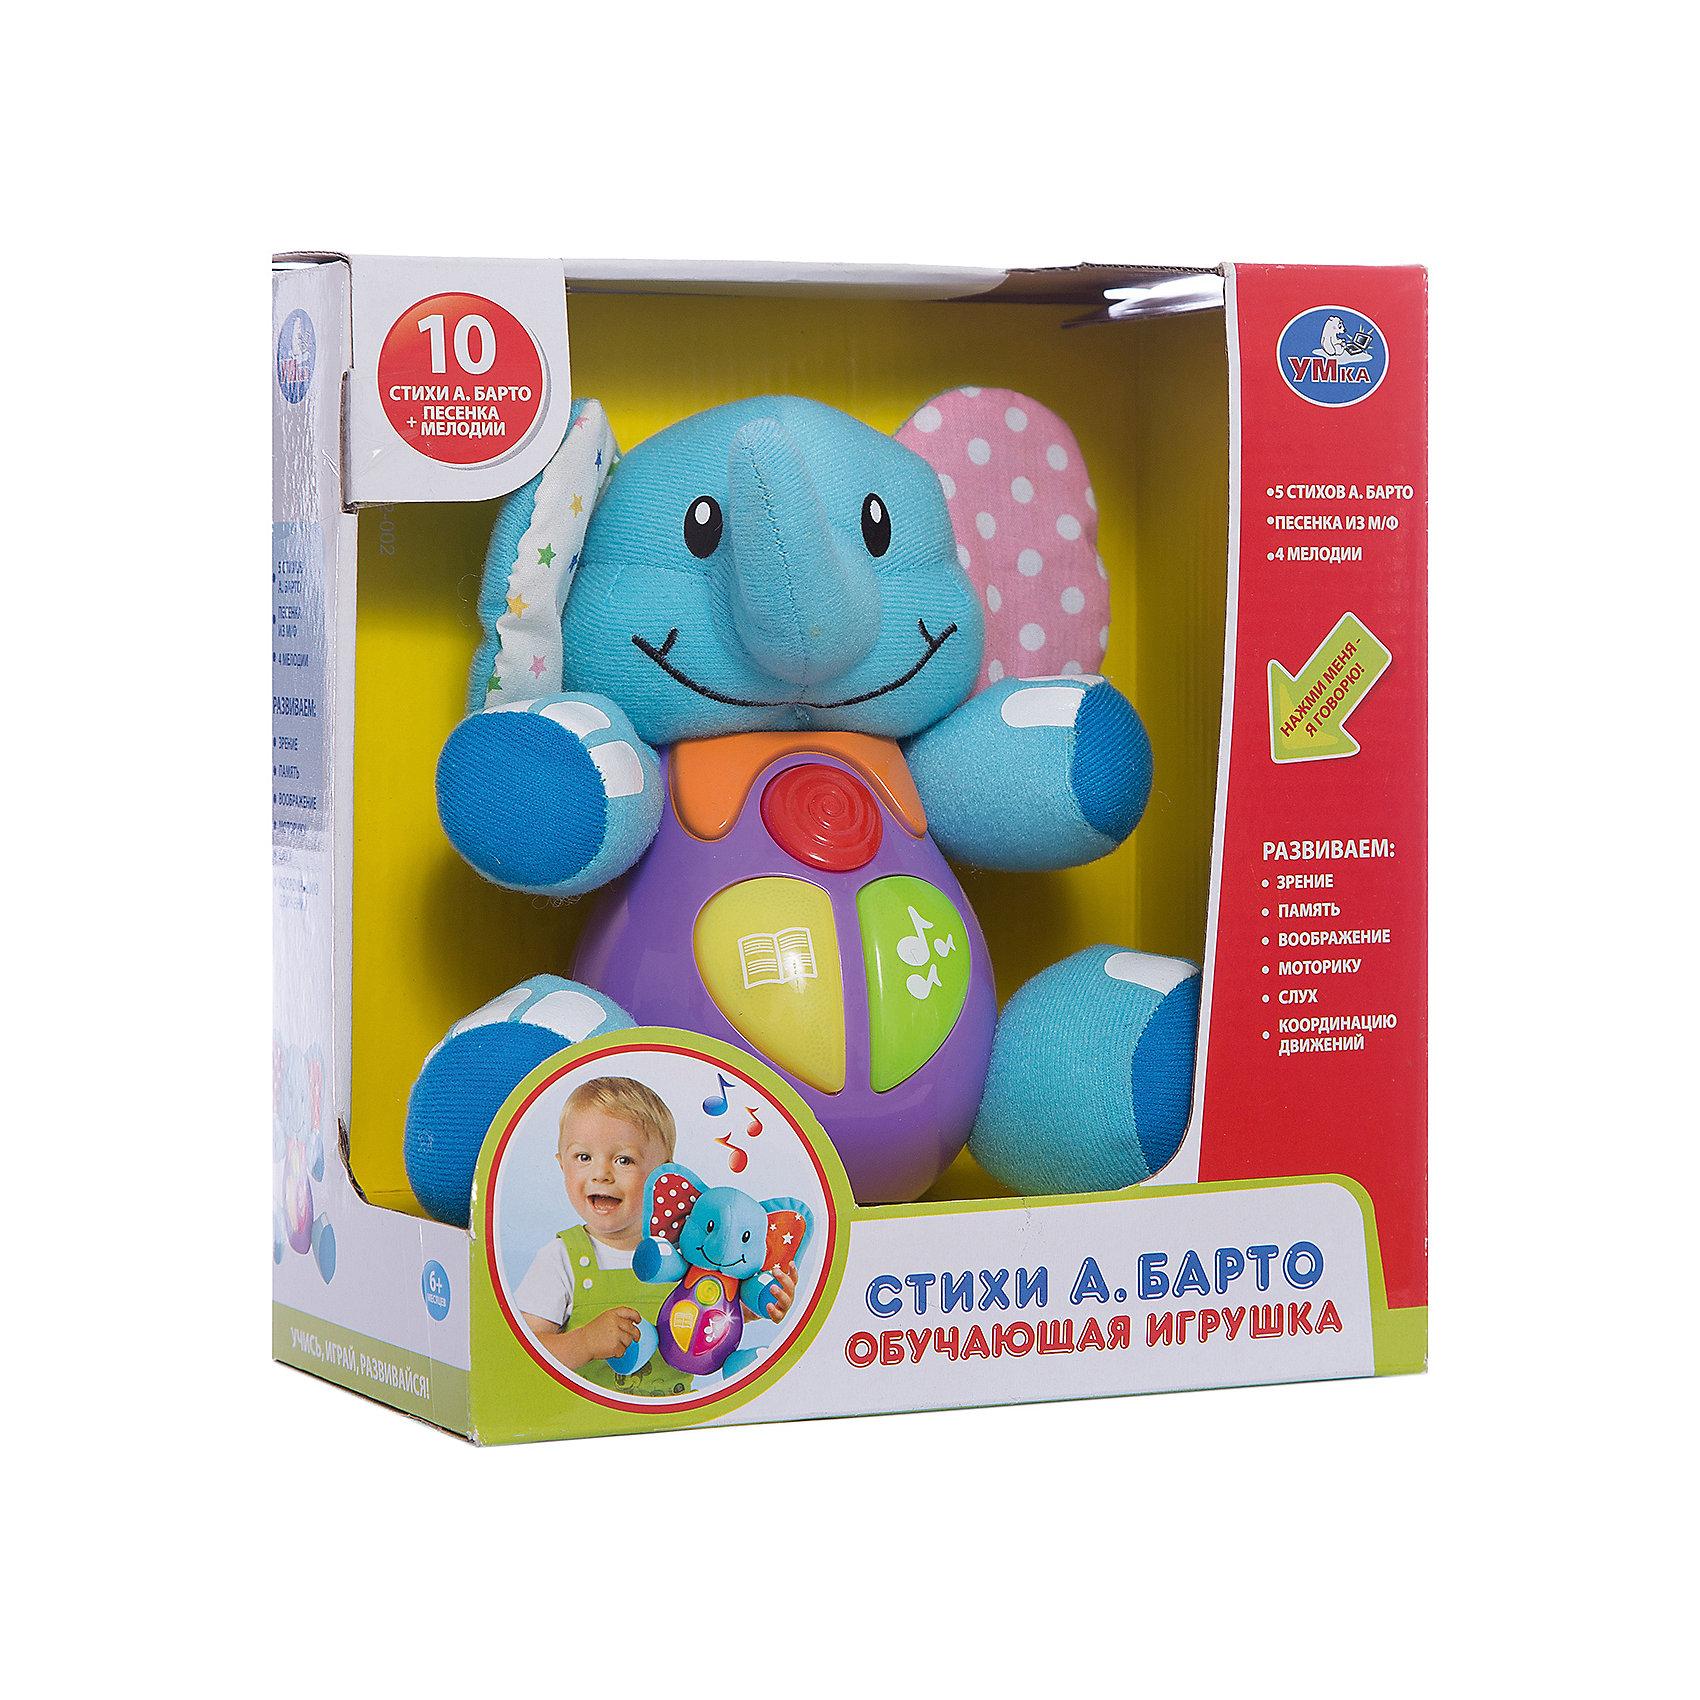 Обучающая игрушка Стихи А.Барто, Слоник, со светом и звуком, УмкаОбучающая игрушка Стихи А.Барто, со светом и звуком, Умка – это увлекательный, развивающий подарок для Вашего малыша. Обучающий забавный зверек познакомит ребёнка с добрыми детскими стишками и песенкой. На животике расположены три кнопки. При нажатии на одну из них малыш услышит песенку От улыбки. При нажатии на вторую - 6 приятных мелодий. При нажатии на кнопку с книжкой поочередно прозвучат 5 замечательных стихотворений А. Барто из серии Игрушки (Бычок, Зайка, Лошадка, Слон, Мишка). Все стихи и песенки сопровождаются световыми эффектами. Голова и лапки у игрушек мягкие с шуршащими вставками для развития тактильных ощущений. Туловище изготовлено из высококачественной пластмассы. Игрушка отлично способствует развитию памяти, логики, визуального и слухового восприятия, моторики.  Дополнительная информация:  - Игрушка работает от 2 батареек типа АА (входят в комплект) - Размер медвежонка: 16 х 18 х 8 см. - Размер упаковки: 20 х 21,5 х 11 см. Обучающую игрушку Стихи А.Барто, со светом и звуком, Умка можно купить в нашем интернет-магазине.<br><br>Ширина мм: 120<br>Глубина мм: 220<br>Высота мм: 210<br>Вес г: 470<br>Возраст от месяцев: 6<br>Возраст до месяцев: 60<br>Пол: Унисекс<br>Возраст: Детский<br>SKU: 4838277